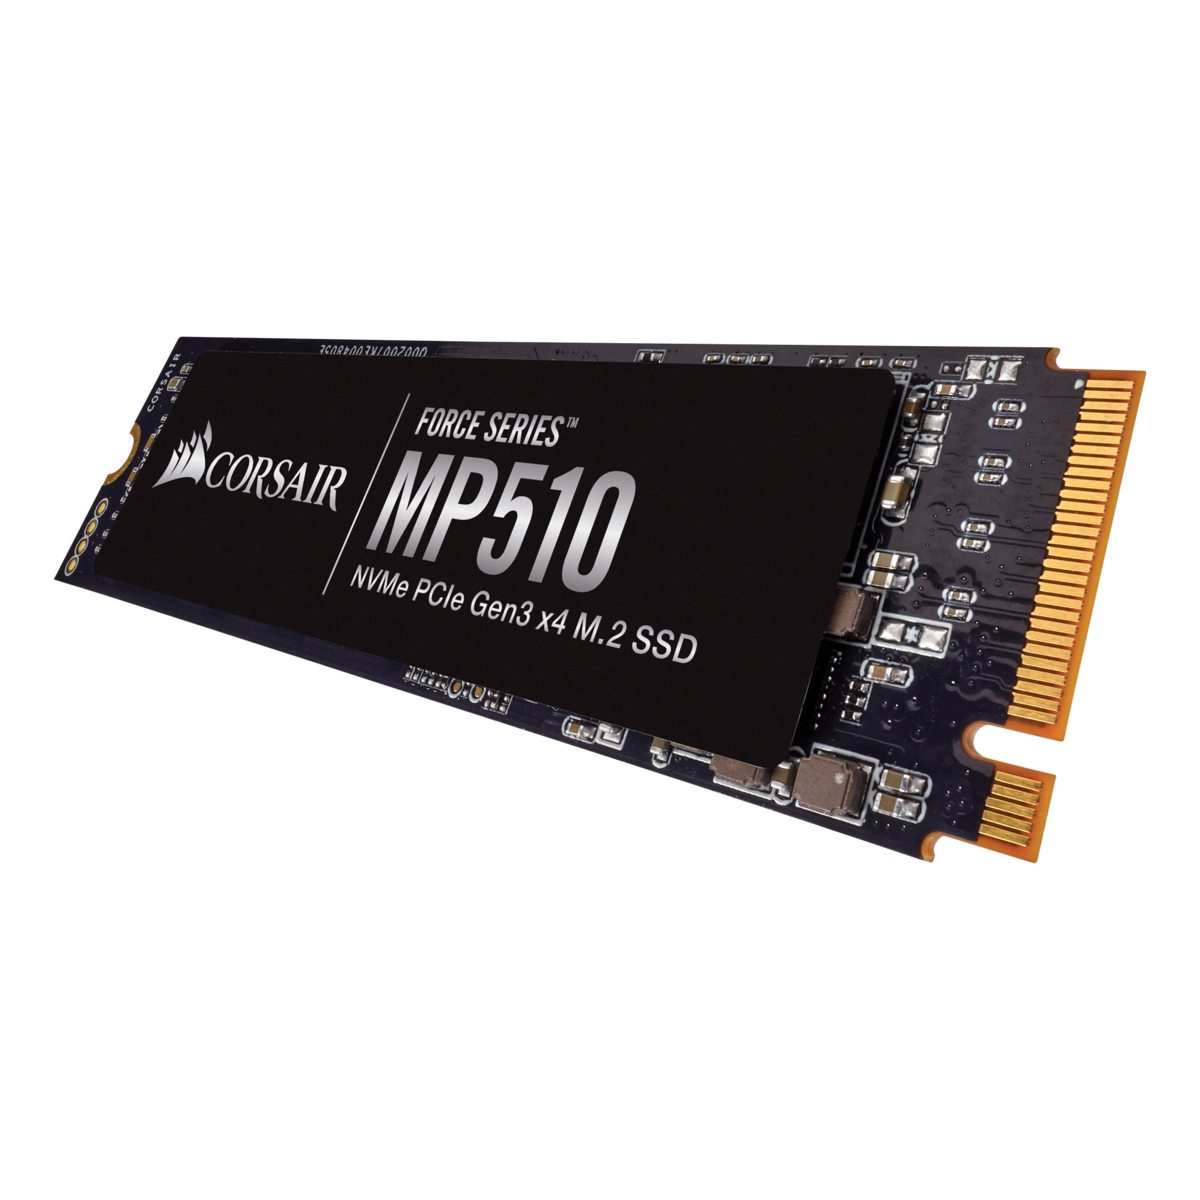 SOLIDO (M2) NVMe 480GB MP510 - CORSAIR